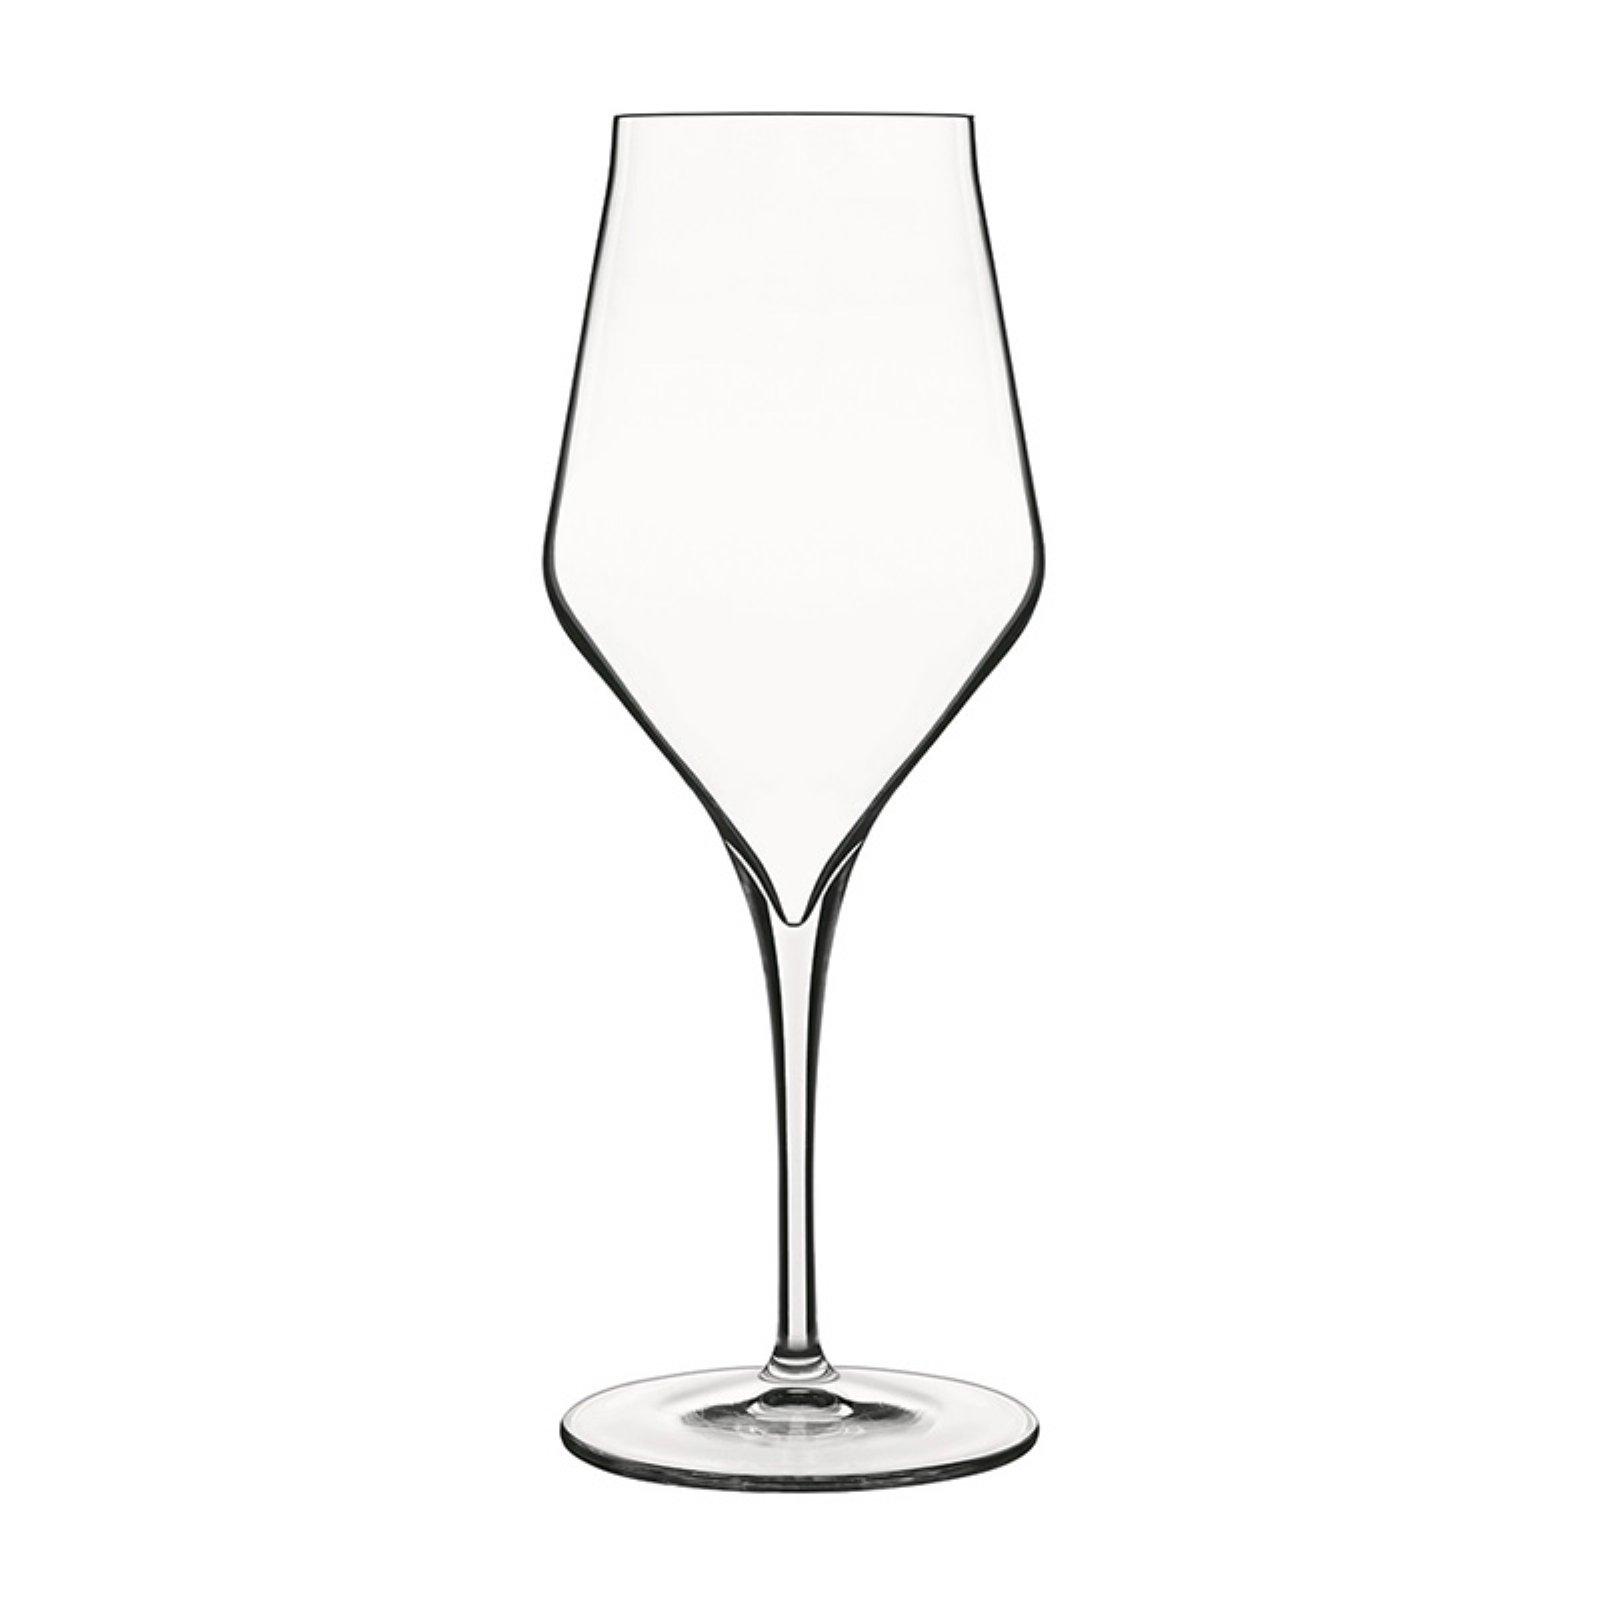 Luigi Bormioli Supremo Chianti Wine Glass Set Of 2 Chianti